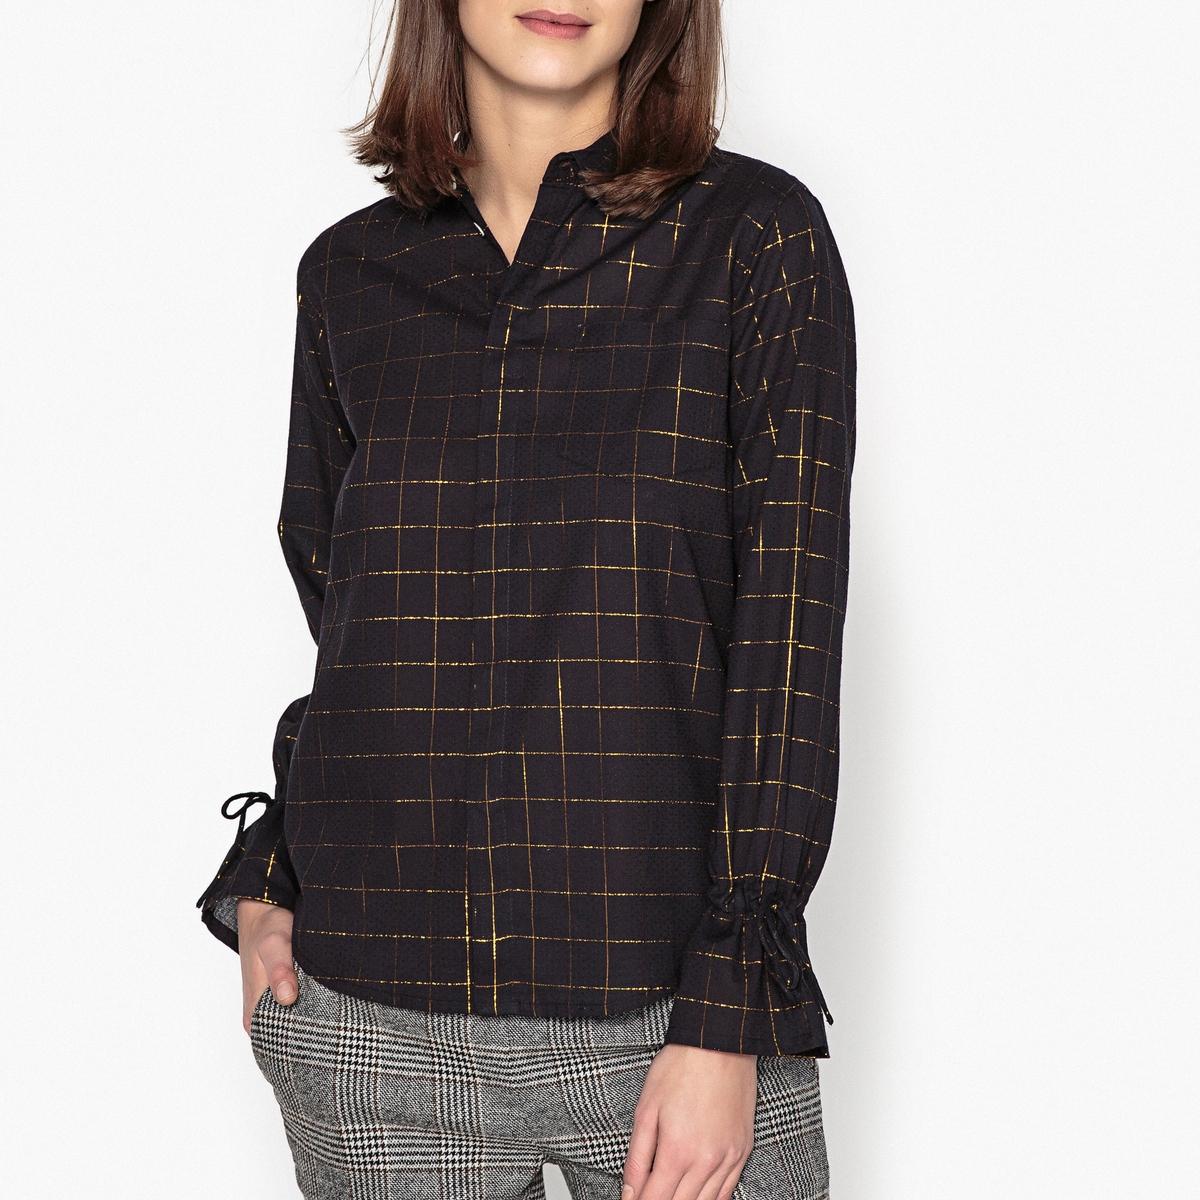 Блузка-рубашка  с длинными рукавами CHECKБлузка-рубашка  с длинными рукавами  LEON AND HARPER - модель CHECK . Рисунок в клетку на радужной ткани. Детали •  Длинные рукава •  Приталенный покрой •  Рубашечный воротник •  Рисунок в клеткуСостав и уход •  5% вискозы, 95% хлопка •  Следуйте рекомендациям по уходу, указанным на этикетке изделия •  Нагрудный карман  •  Завязки на манжетах для создания воланов  •  Невидимая застежка на пуговицы  •  Низ слегка закругленный<br><br>Цвет: черный